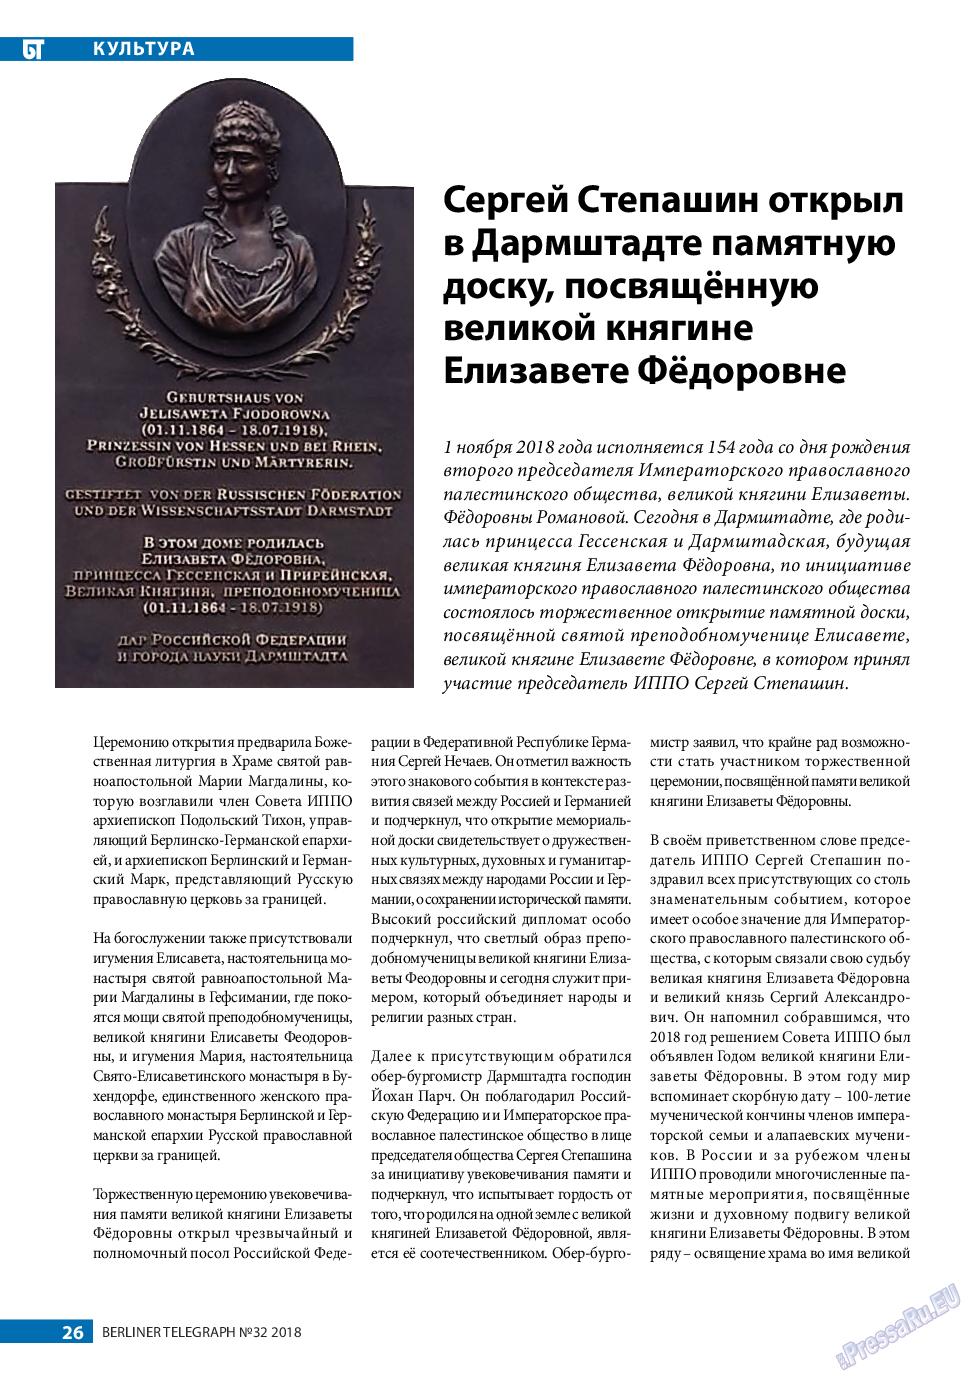 Берлинский телеграф (журнал). 2018 год, номер 32, стр. 26